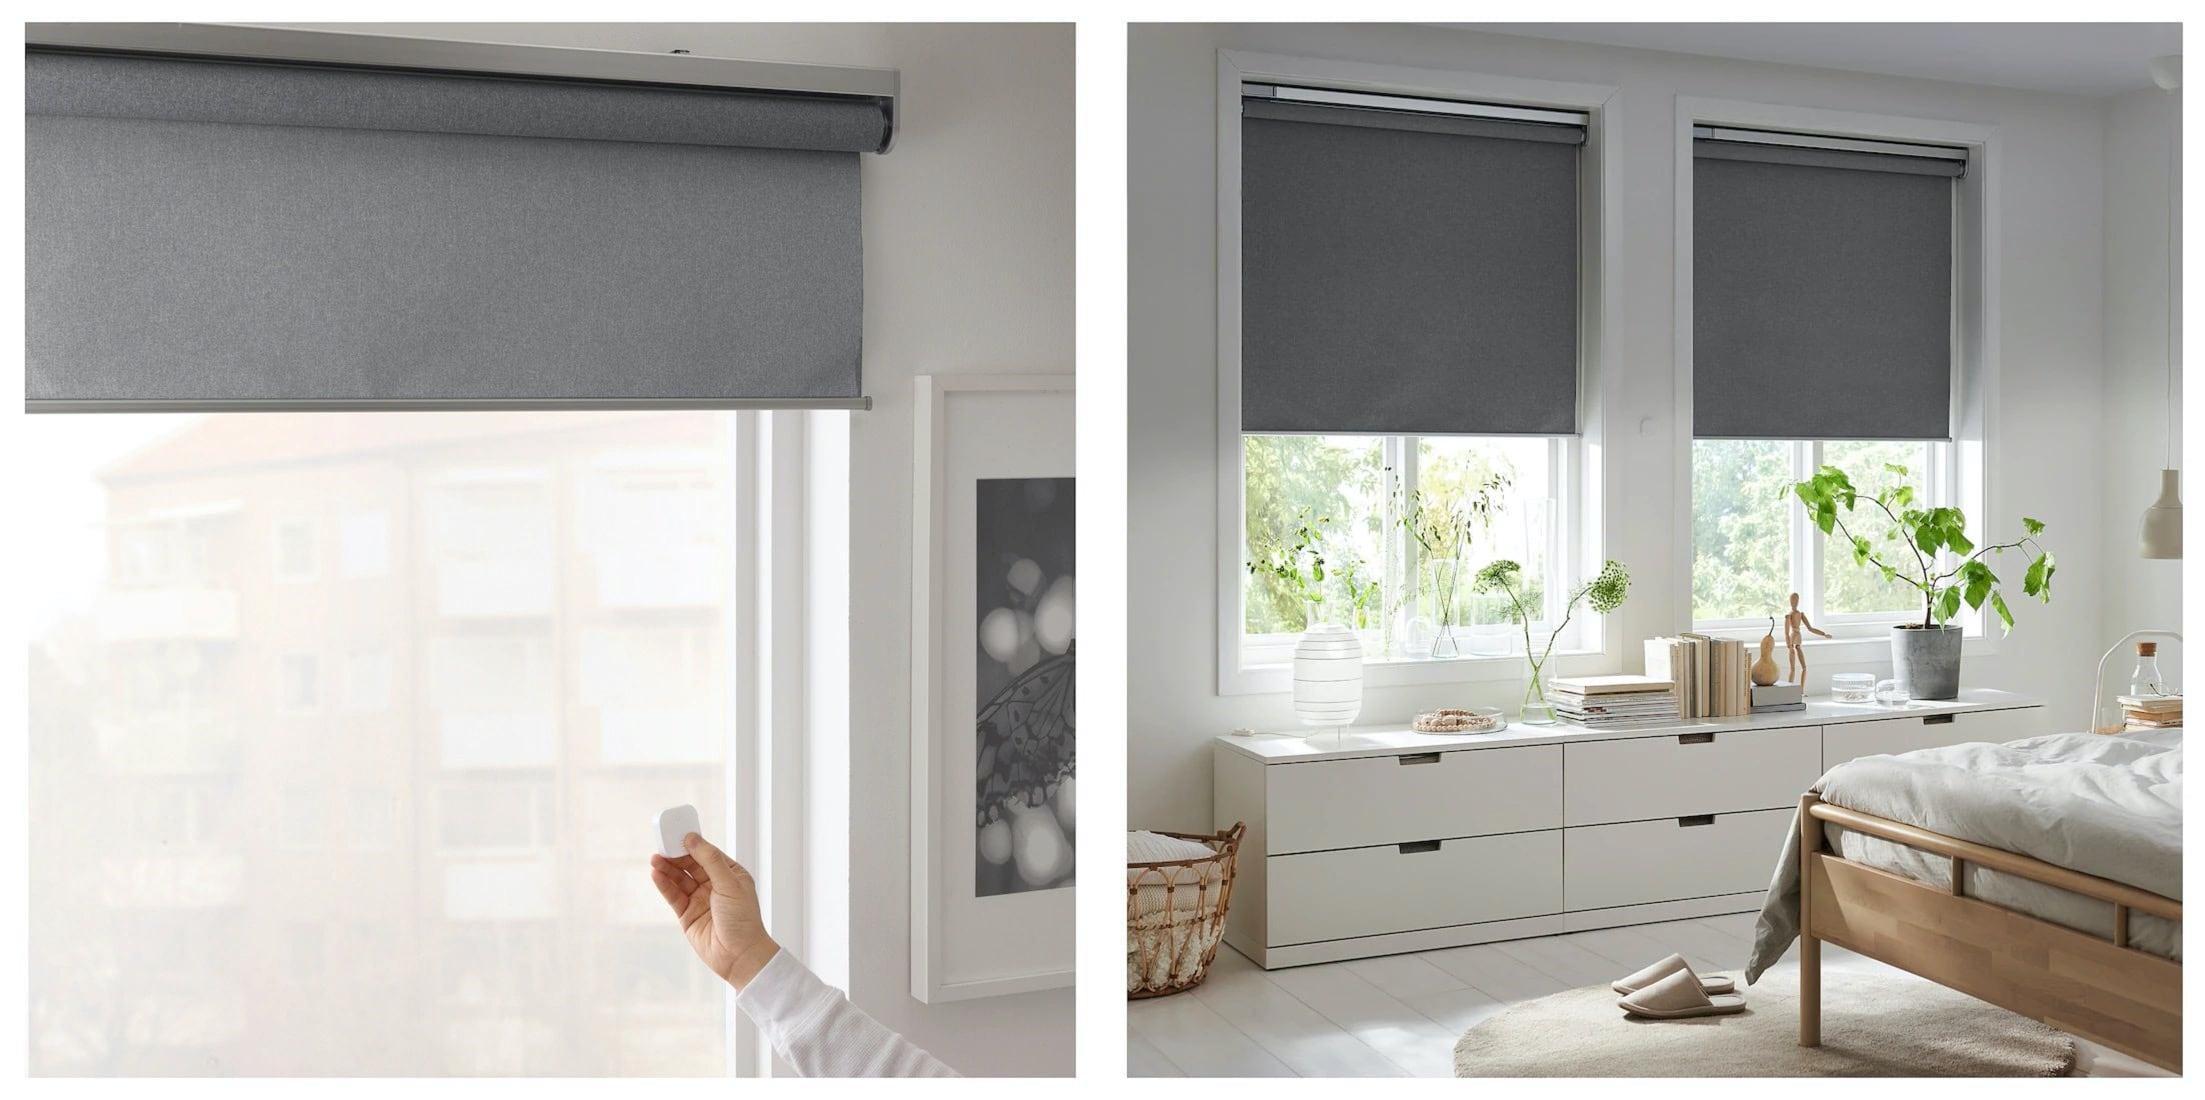 IKEA: Bald HomeKit-Unterstützung für FYRTUR & KADRILJ, Alexa vermutlich etwas später